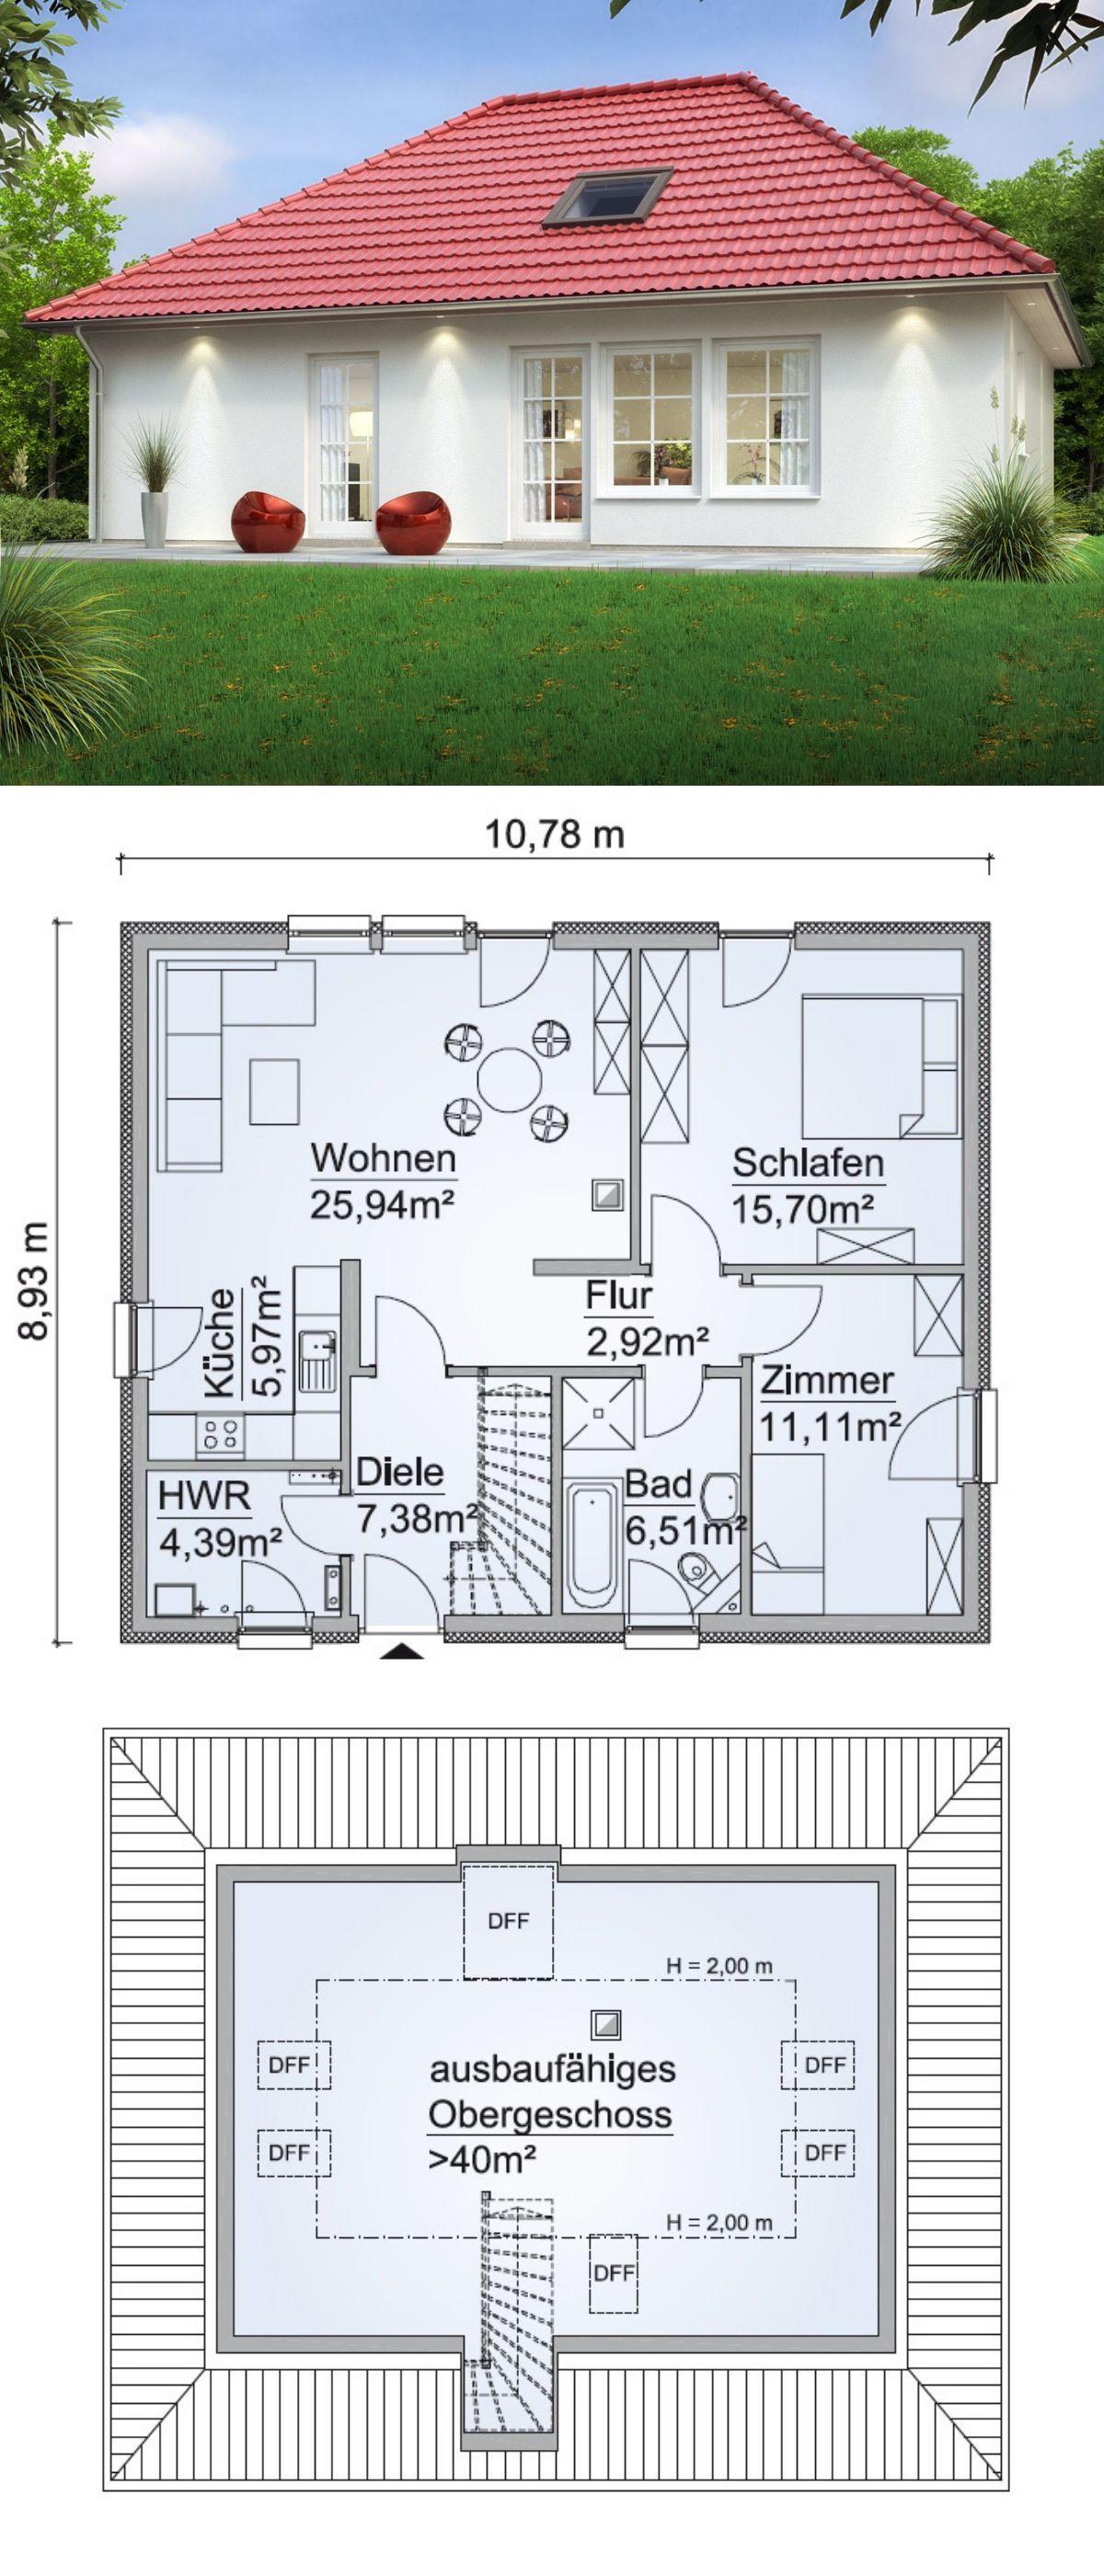 Bungalow Haus Modern Im Landhausstil Grundriss Mit Ausbau Reserve Im